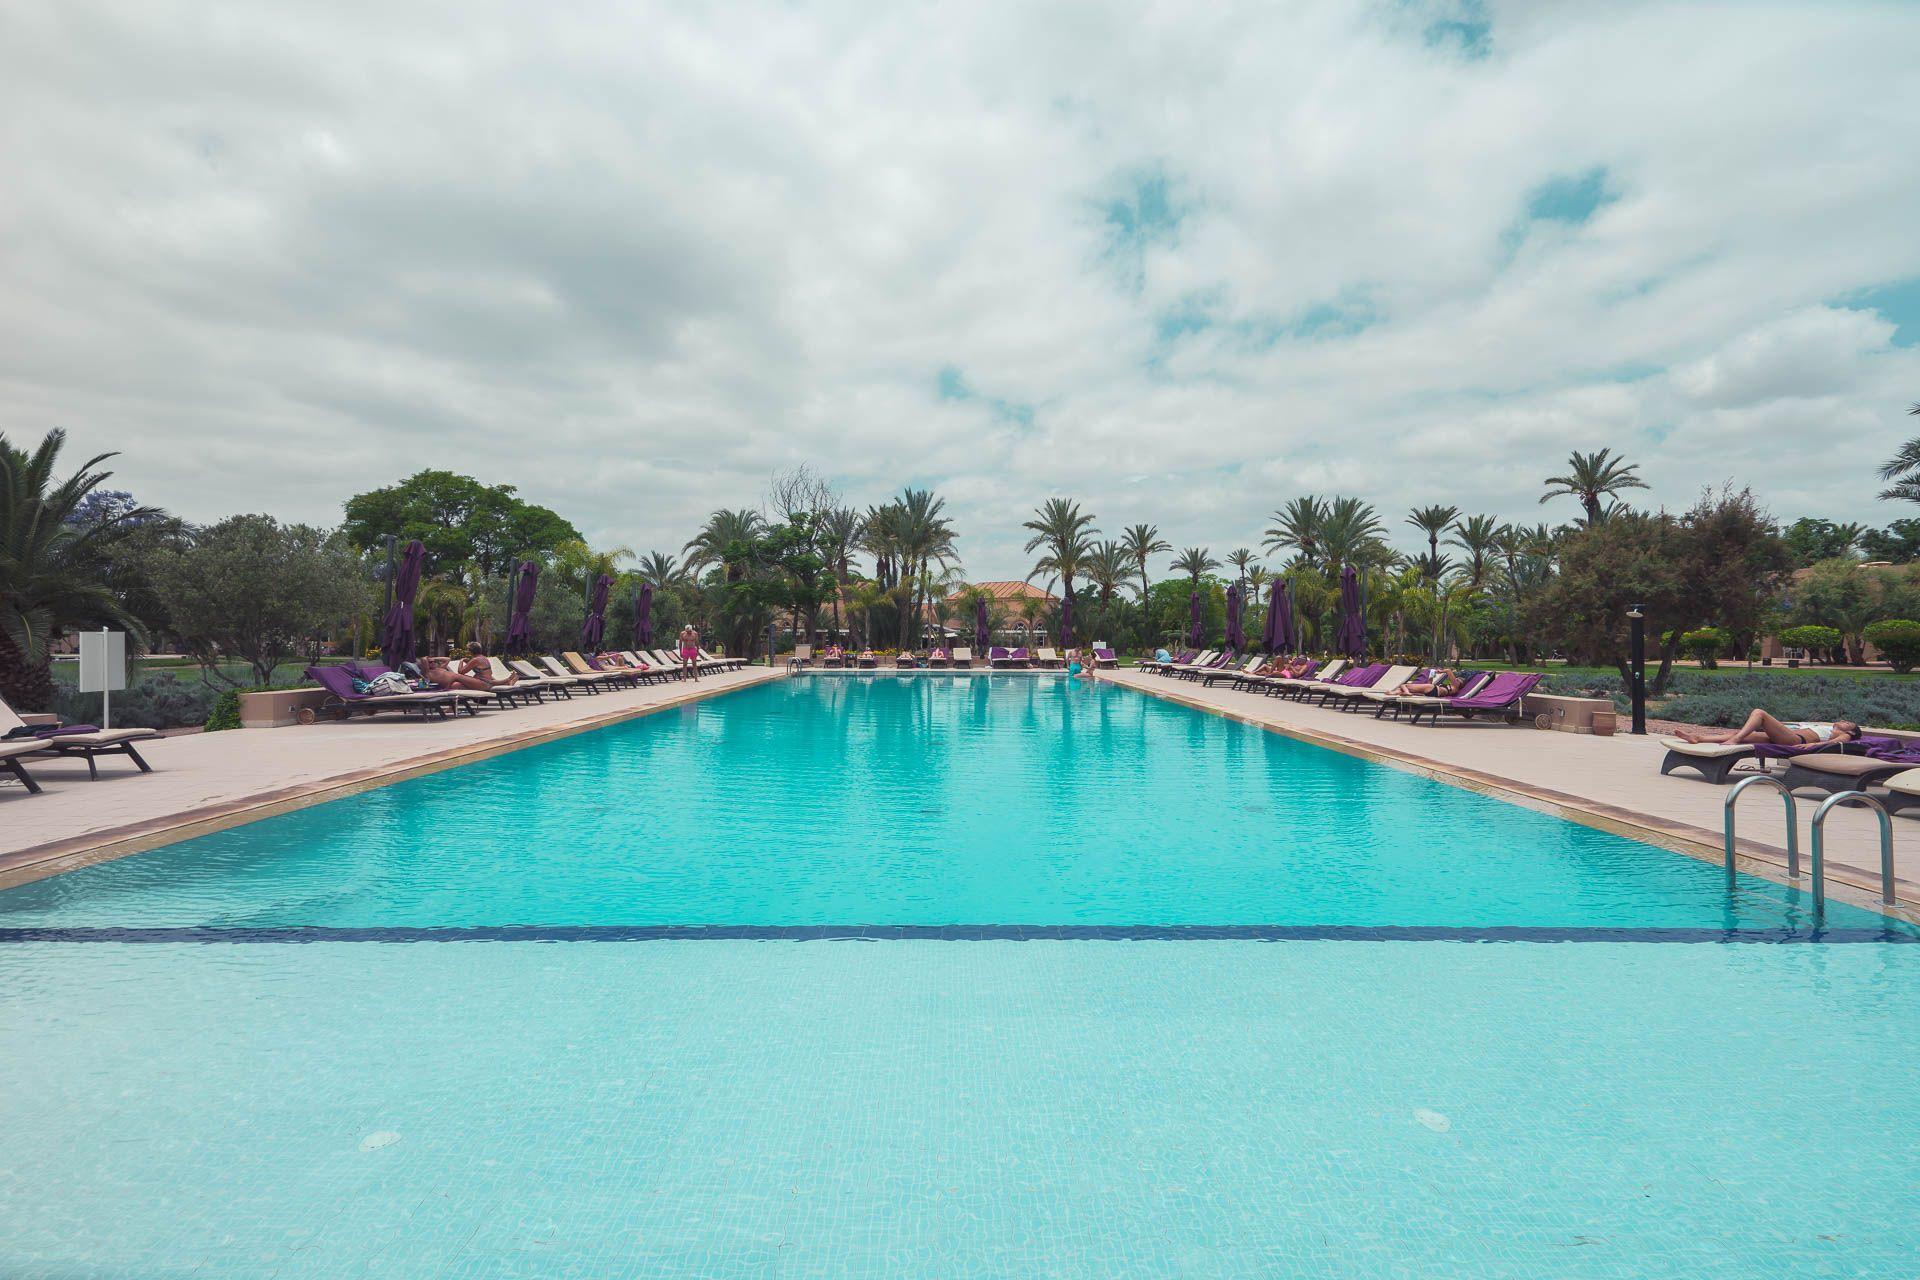 les-voyageuses-test-pullman-marrakech-palmeraie-spa-00710